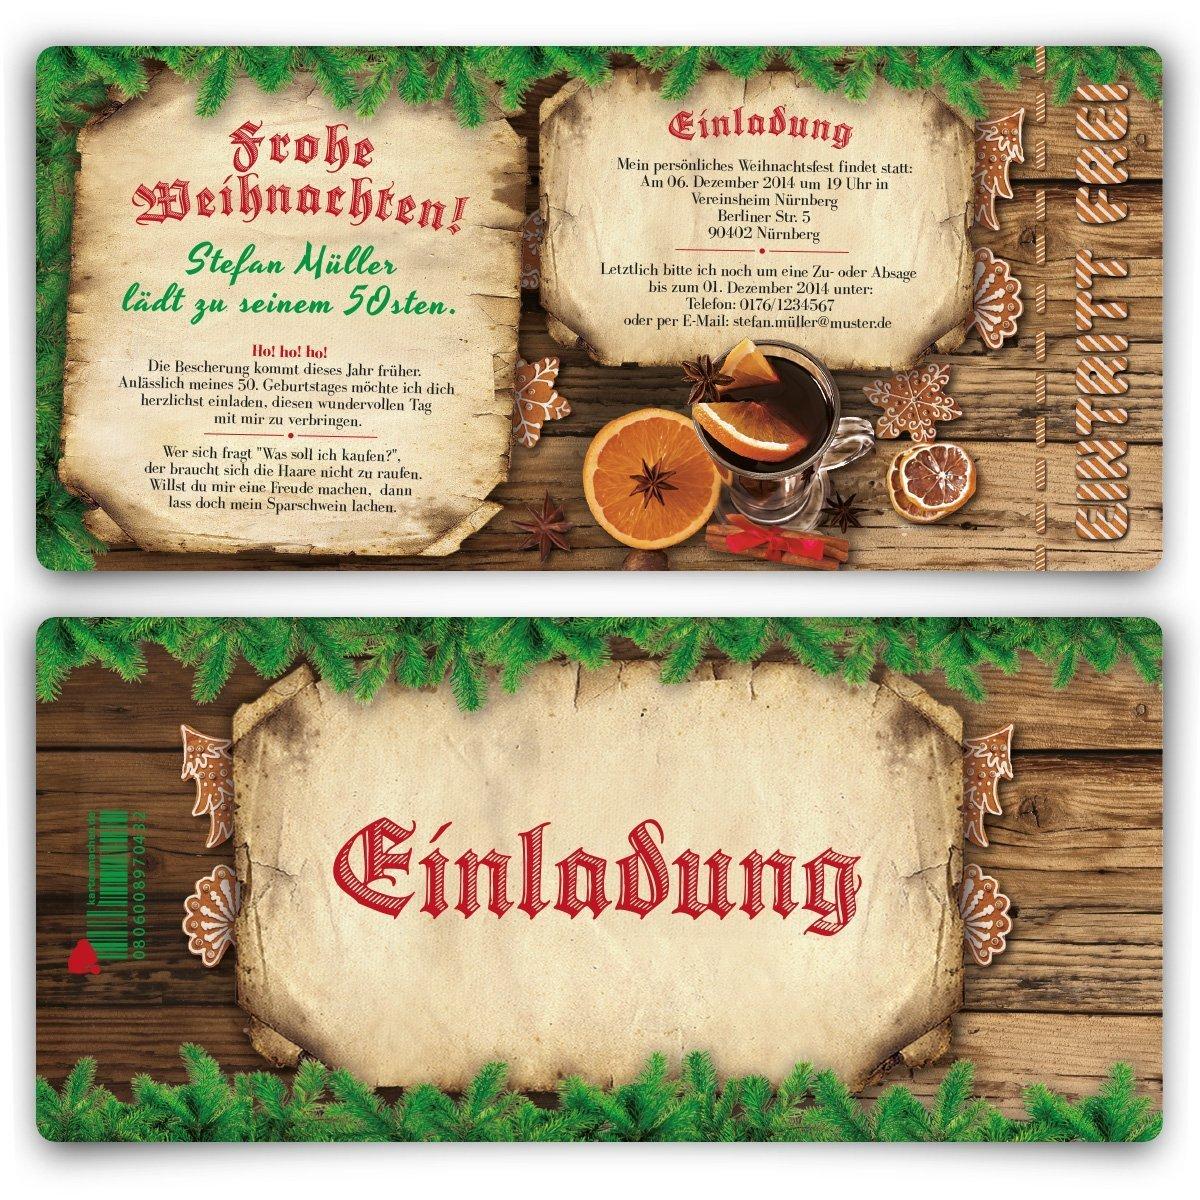 Einladungskarten zum Geburtstag (60 Stück) als Eintrittskarte Weihnachten Advent Silvester Winter B00O8XU5NW   Sale Outlet    Praktisch Und Wirtschaftlich    Exquisite Handwerkskunst